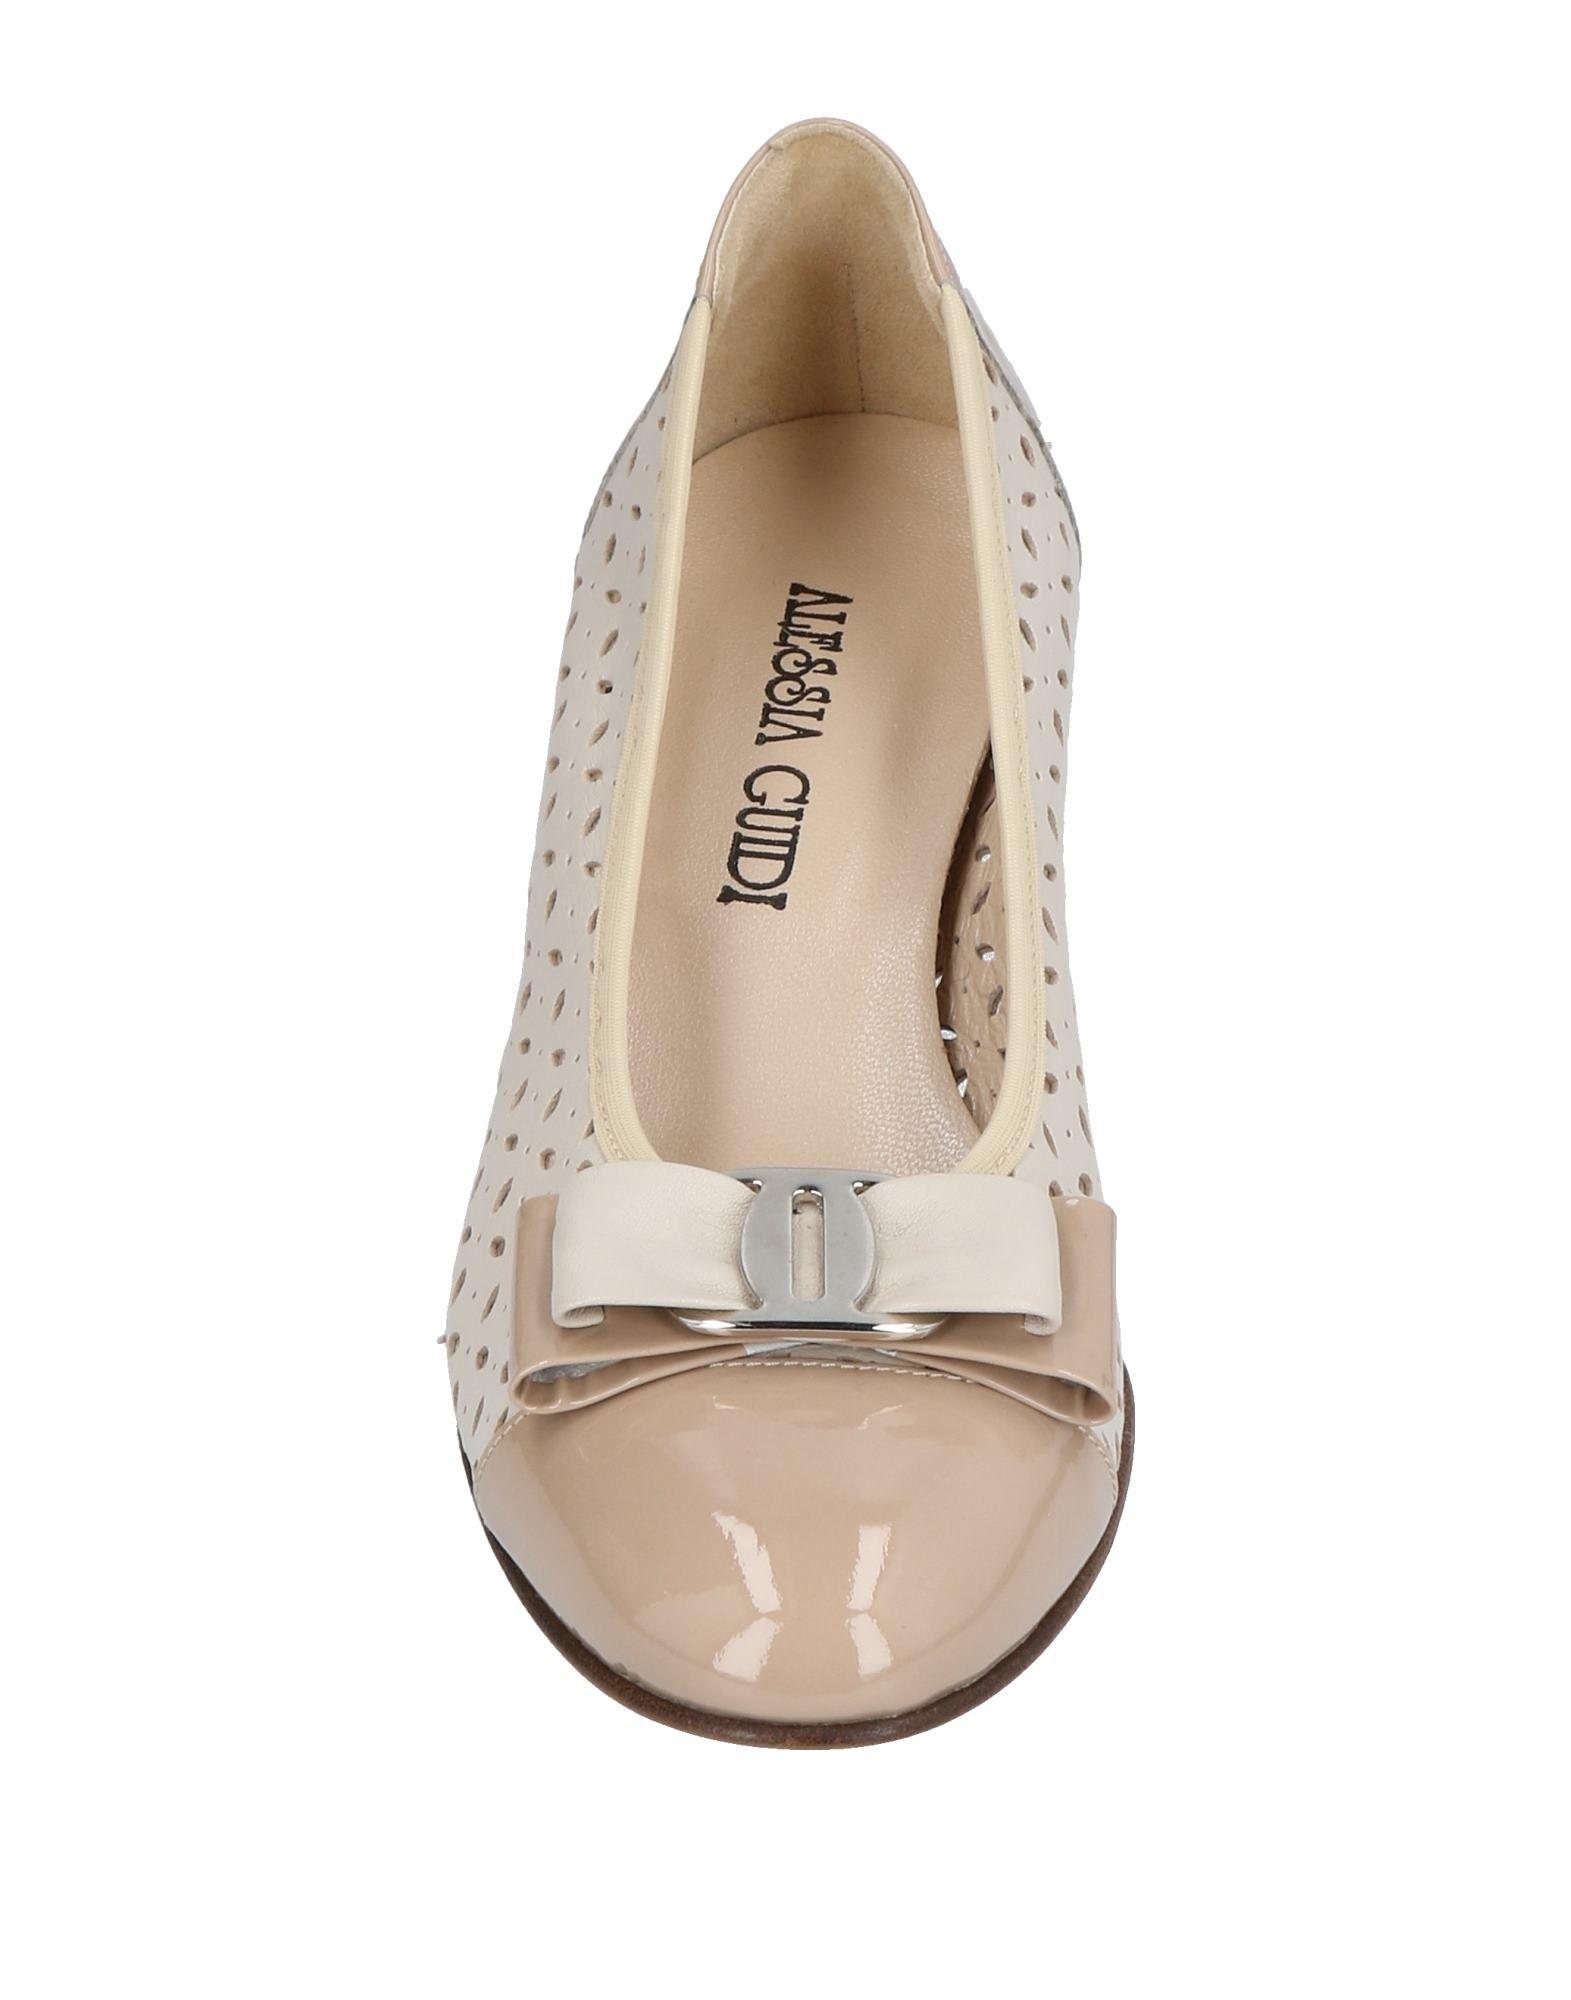 Alessia Guidi Pumps Qualität Damen  11464409XW Gute Qualität Pumps beliebte Schuhe 1f2138